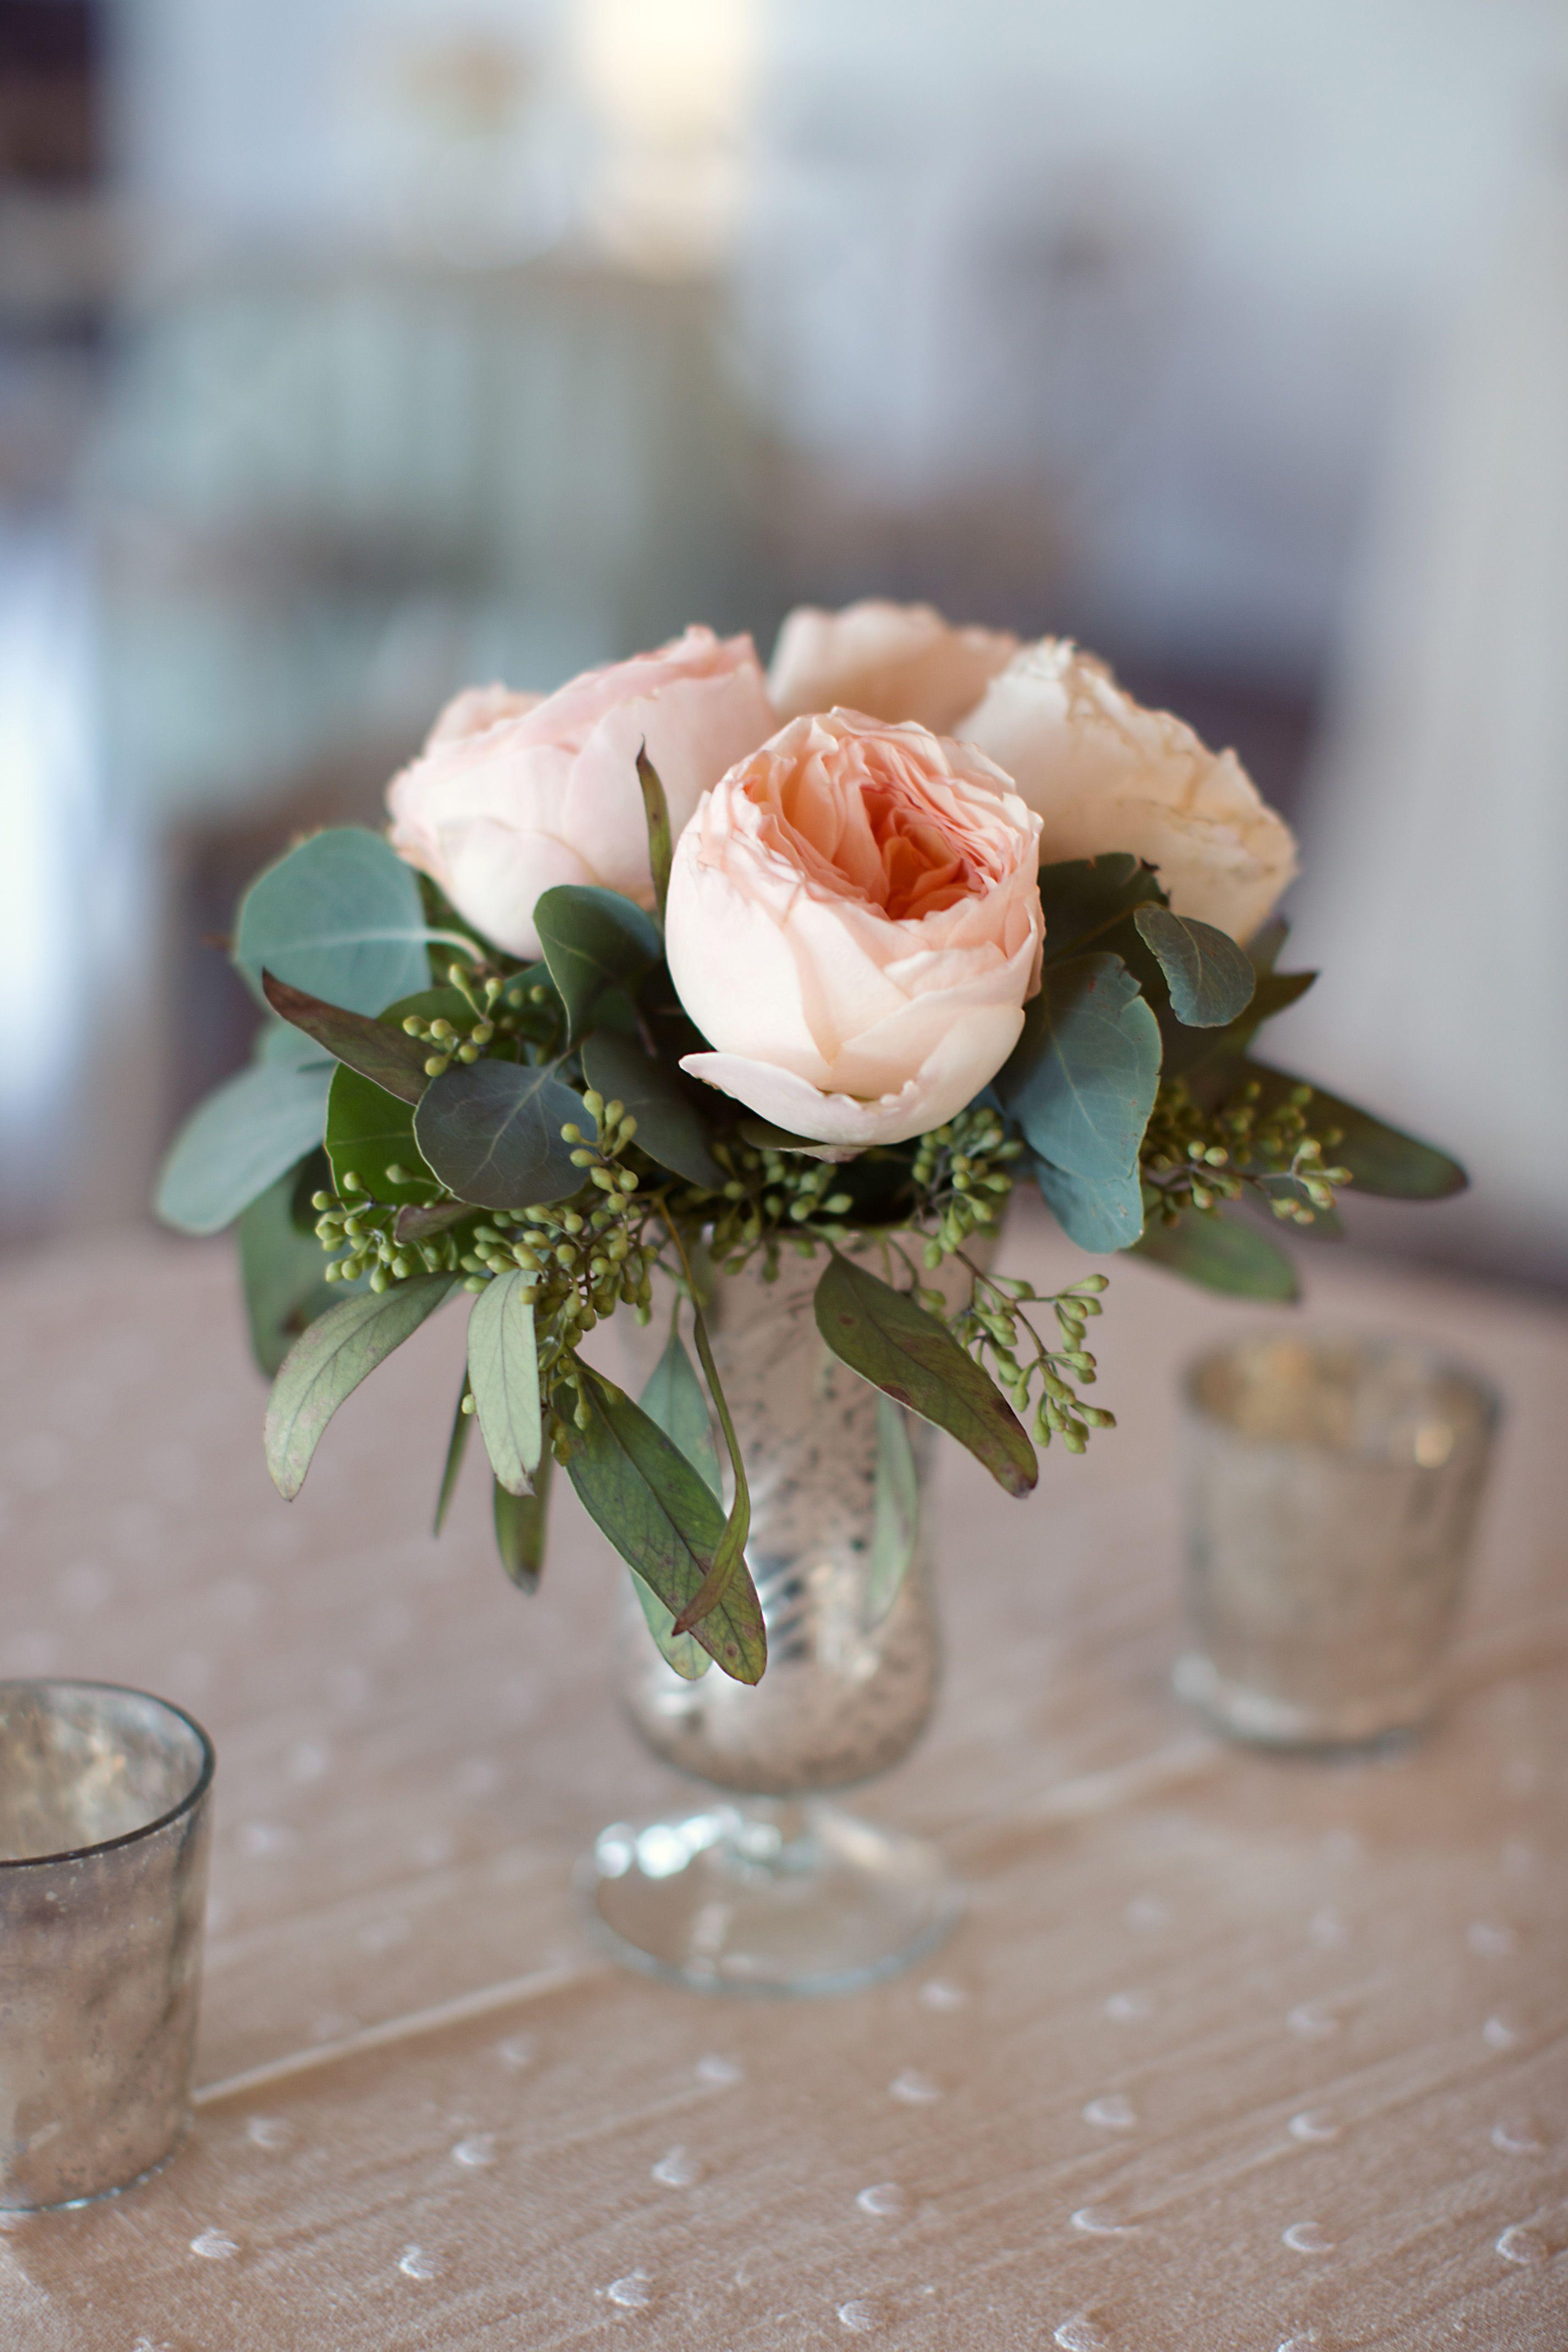 Urban English GardenInspired Wedding  Elegant table